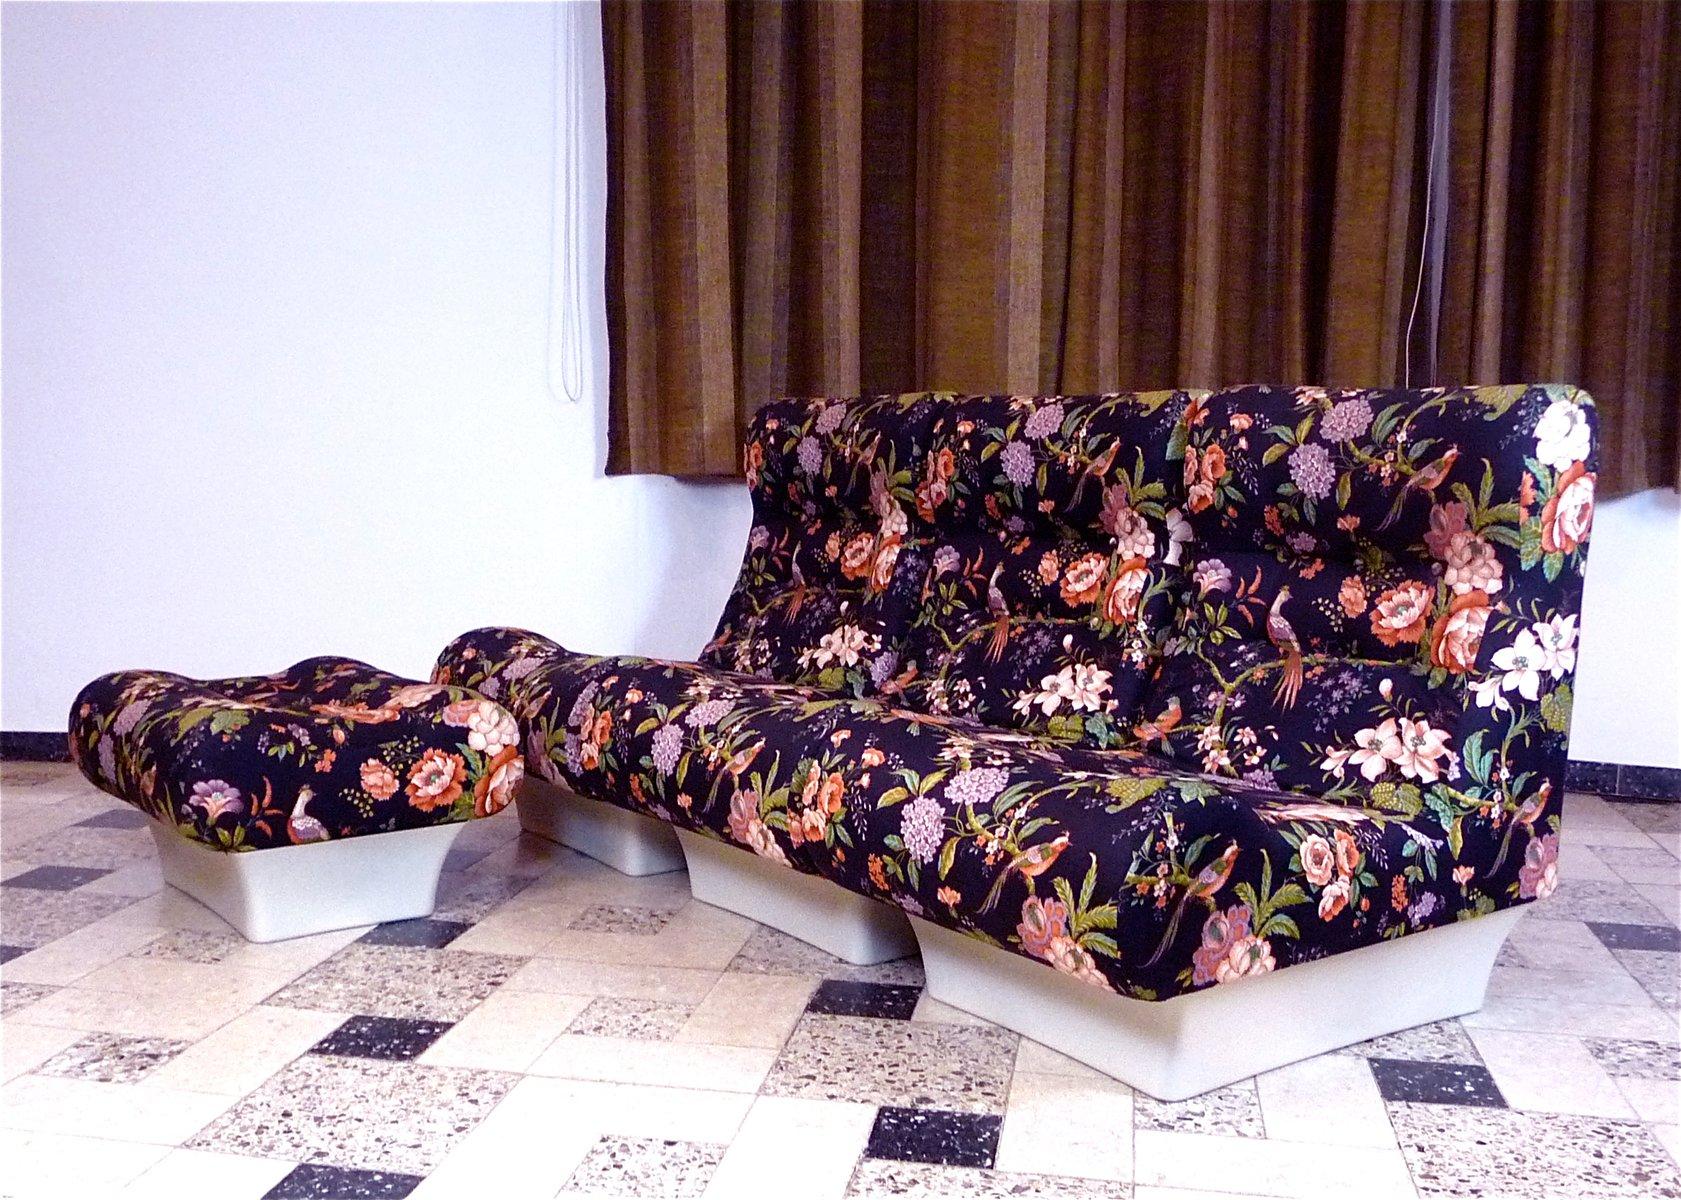 sessel ottomane von otto zapf 1967 4er set bei pamono kaufen. Black Bedroom Furniture Sets. Home Design Ideas